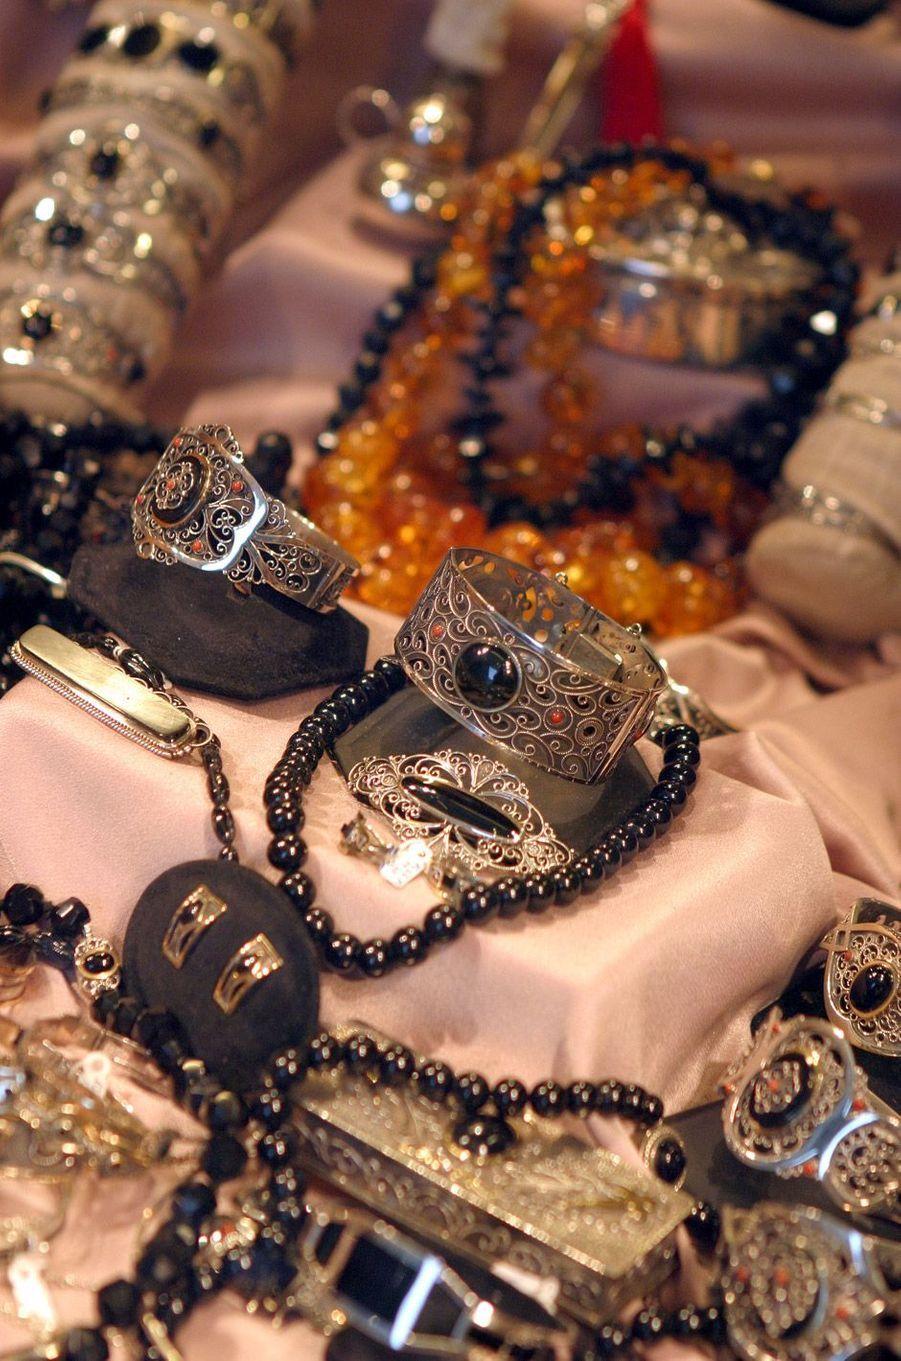 Bijoux en argent typiques de Saint Jacques de Compostelle